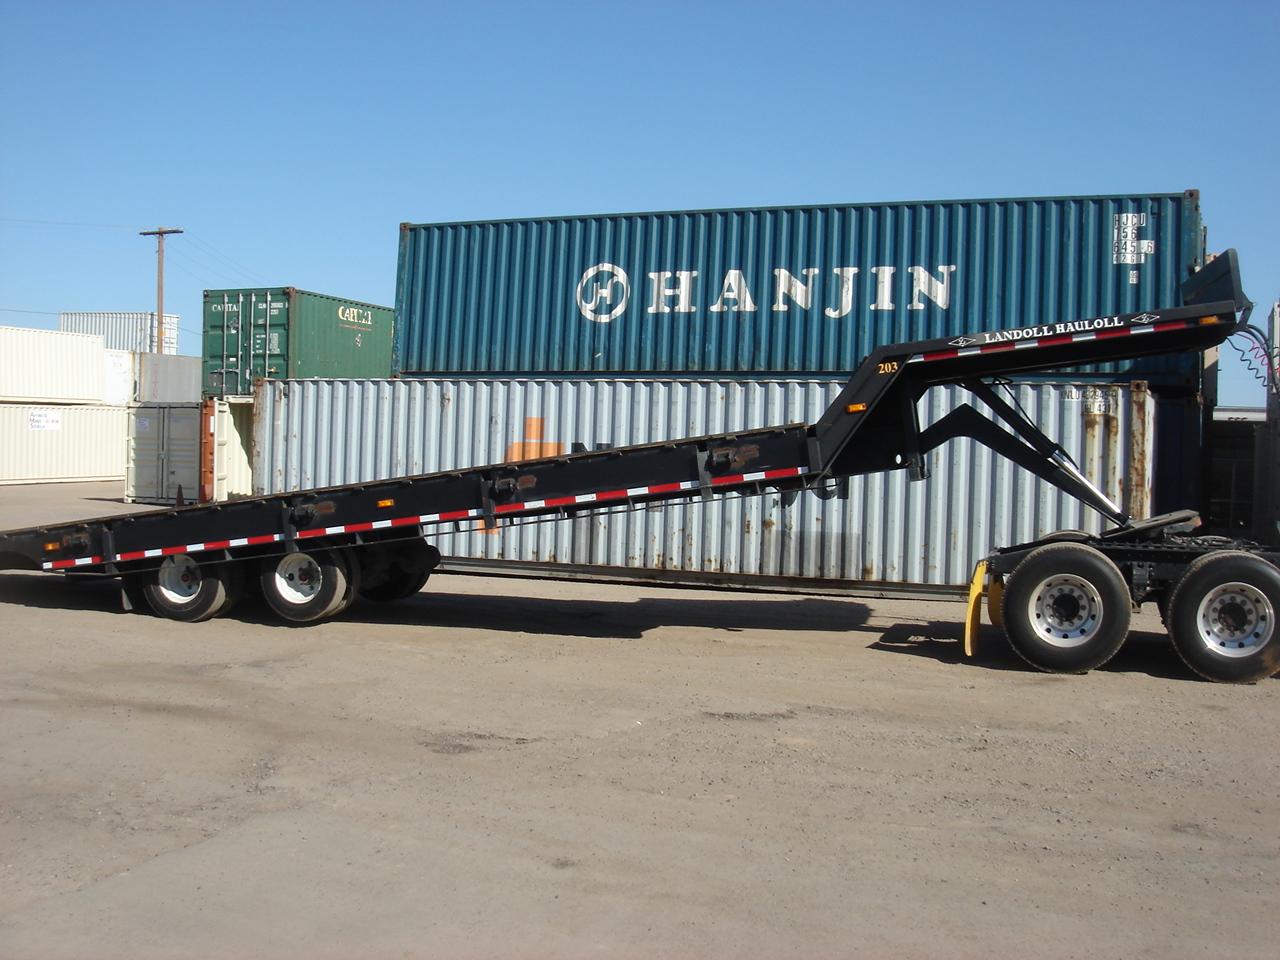 40 ft tilt bed delivery truck